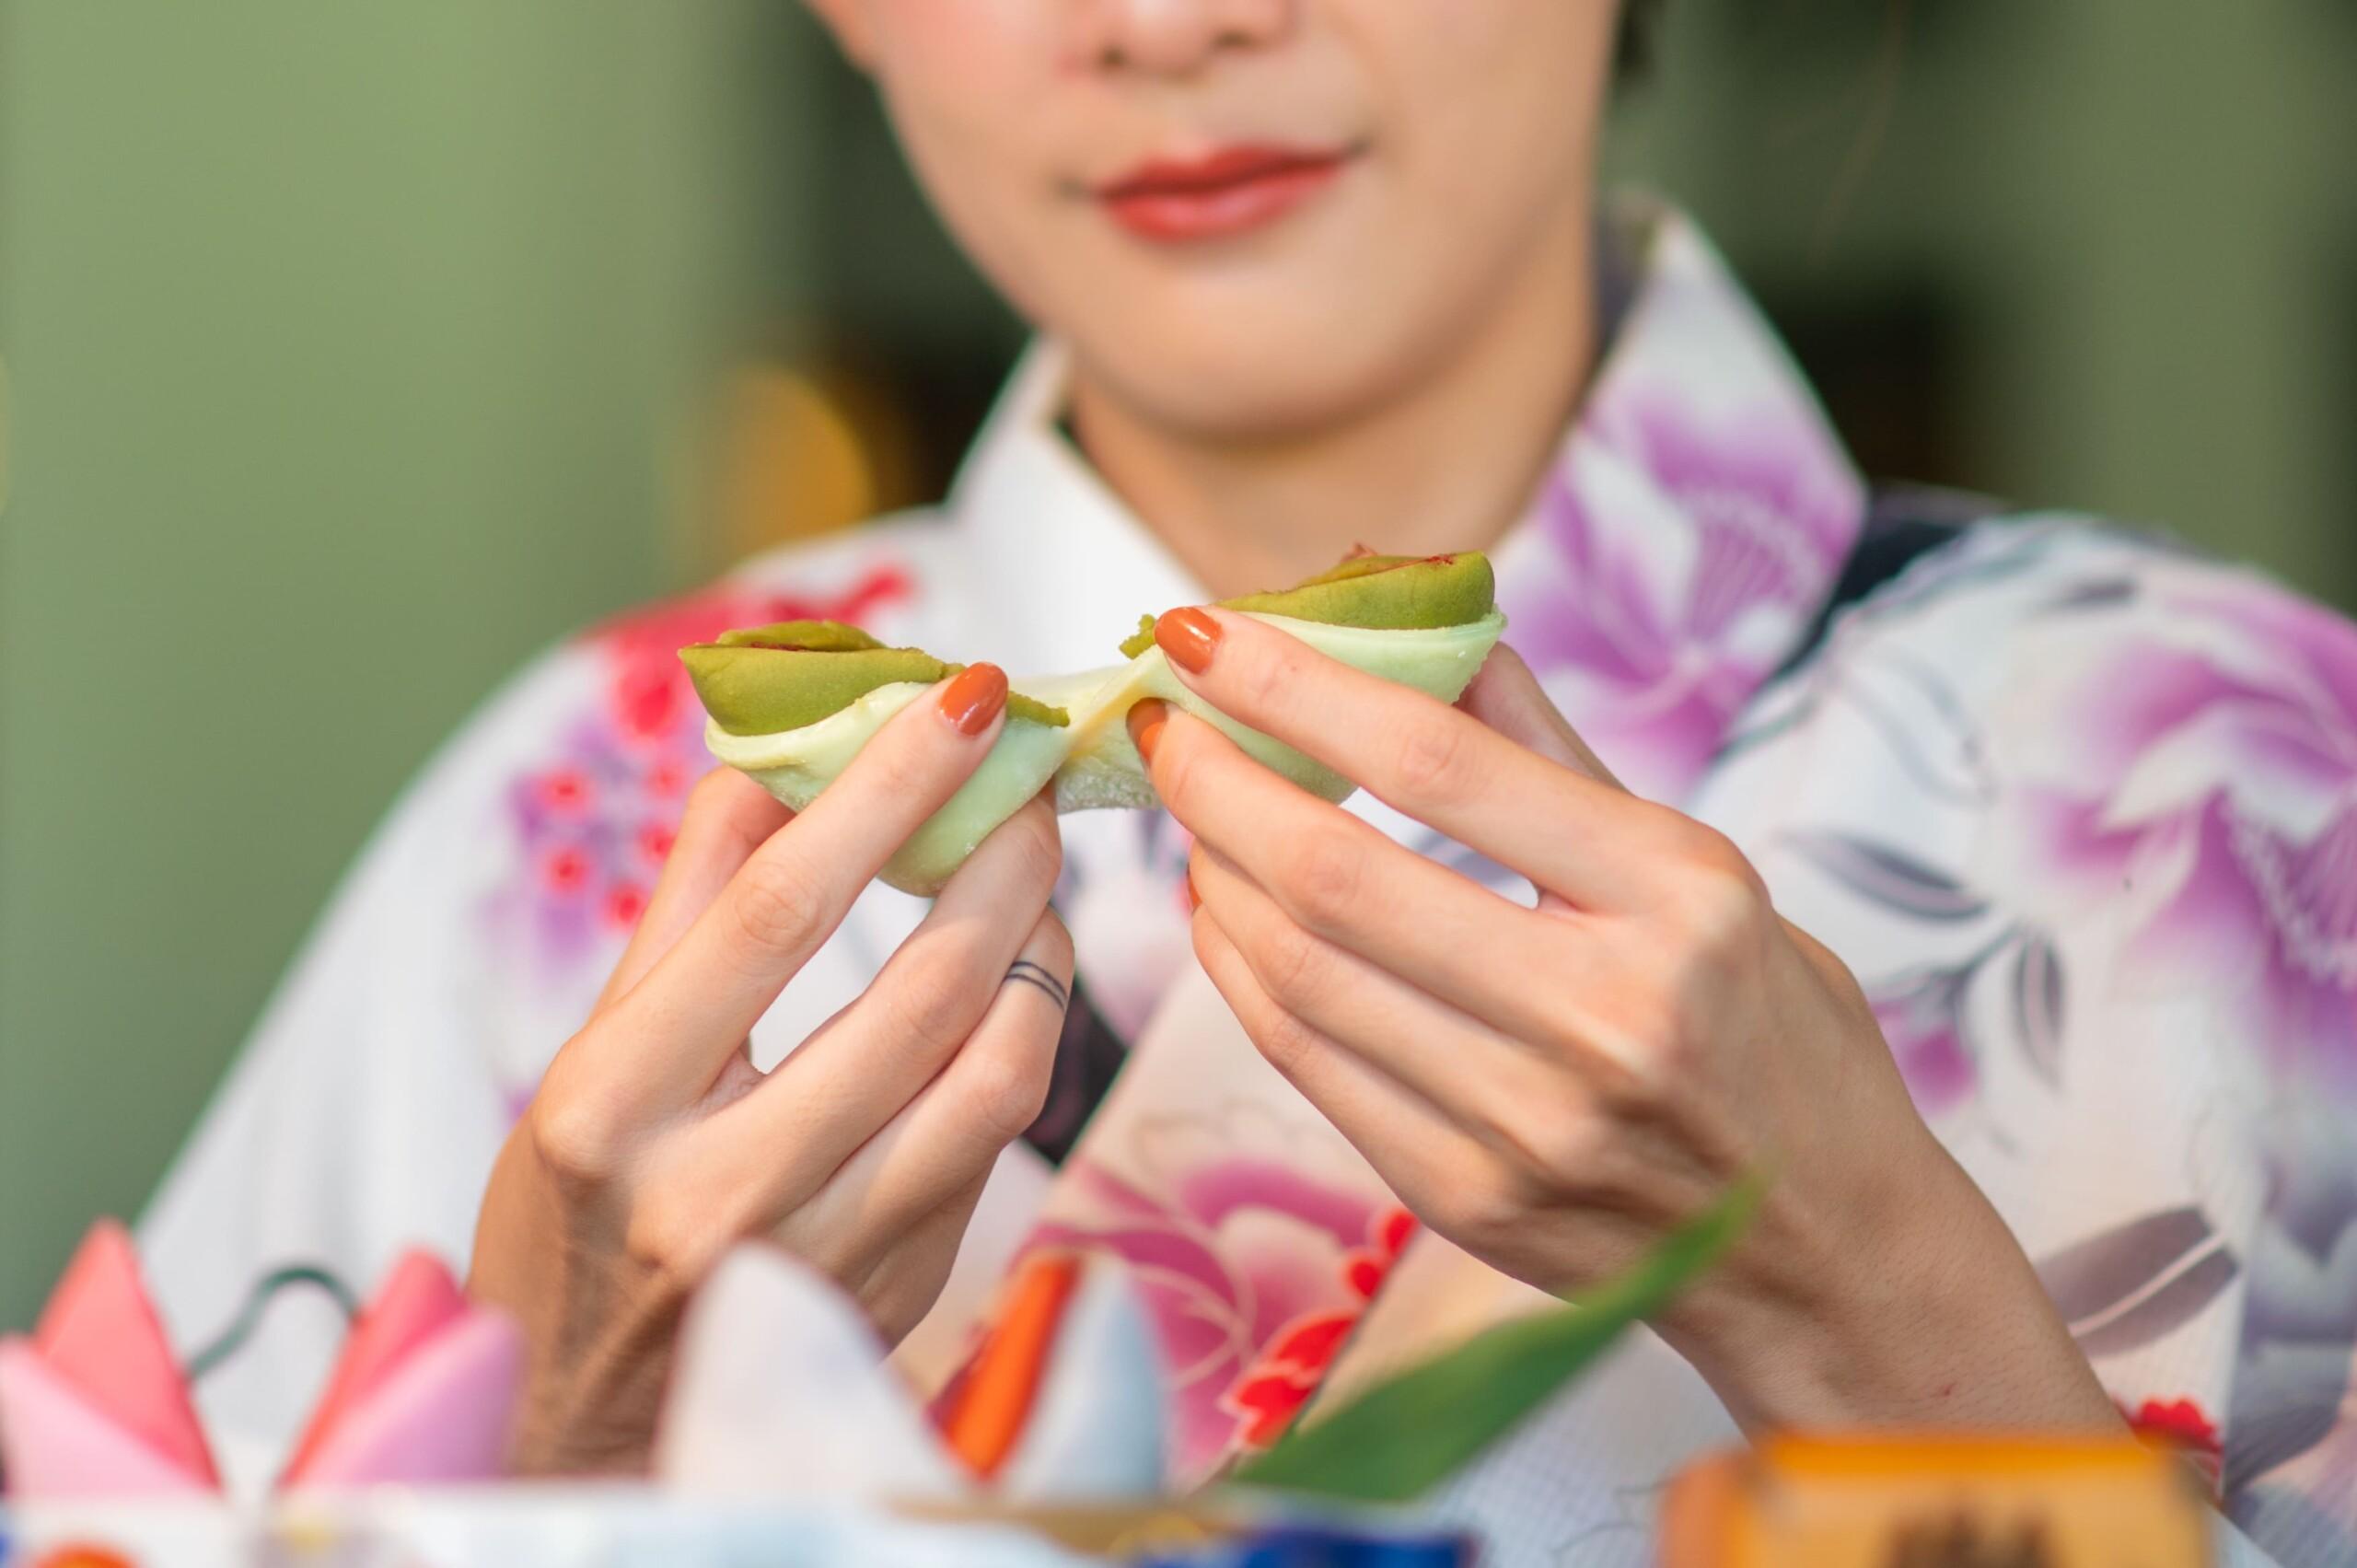 女性が美味しそうに和菓子を食べている